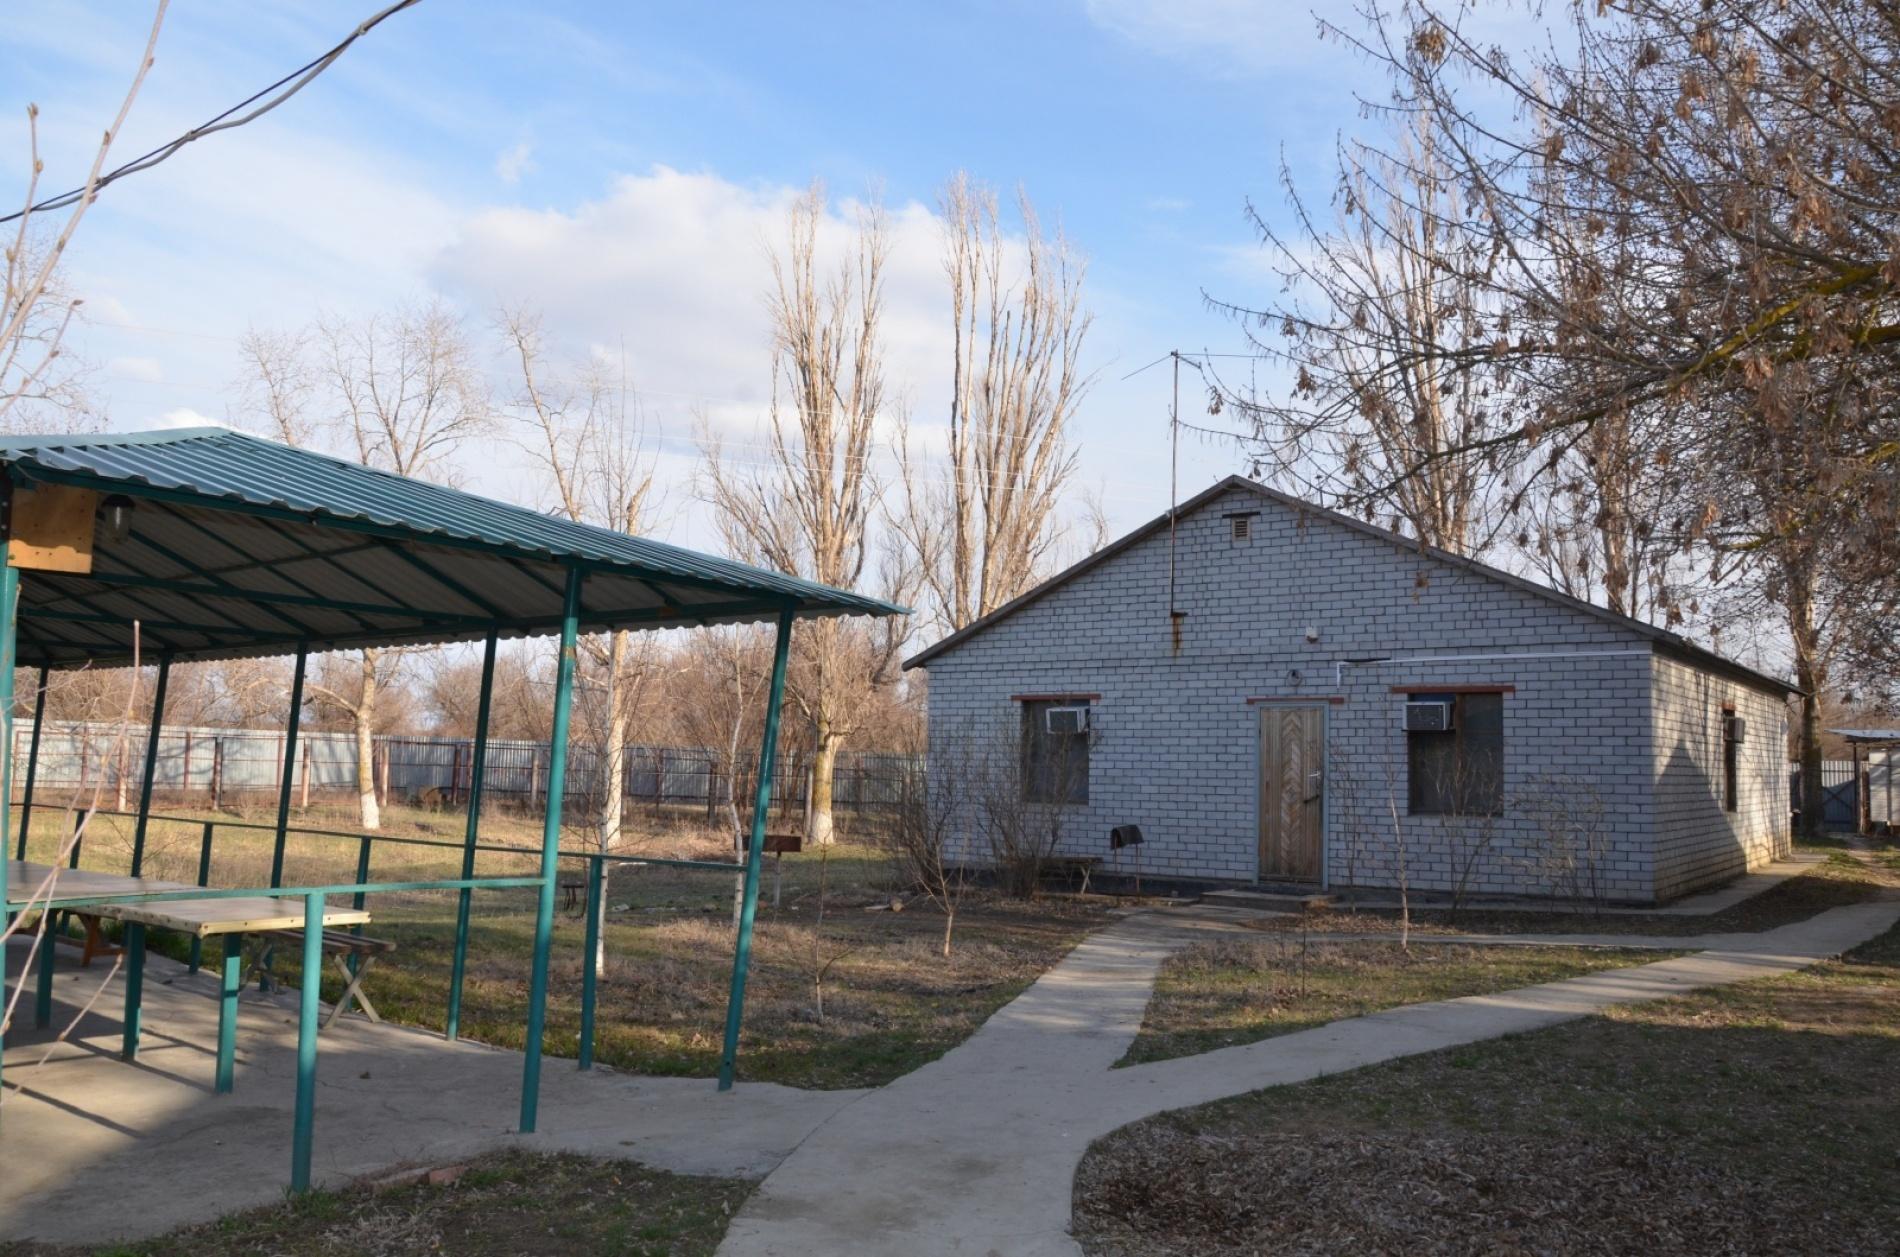 Загородный гостиничный комплекс «Волжанка» Астраханская область, фото 3